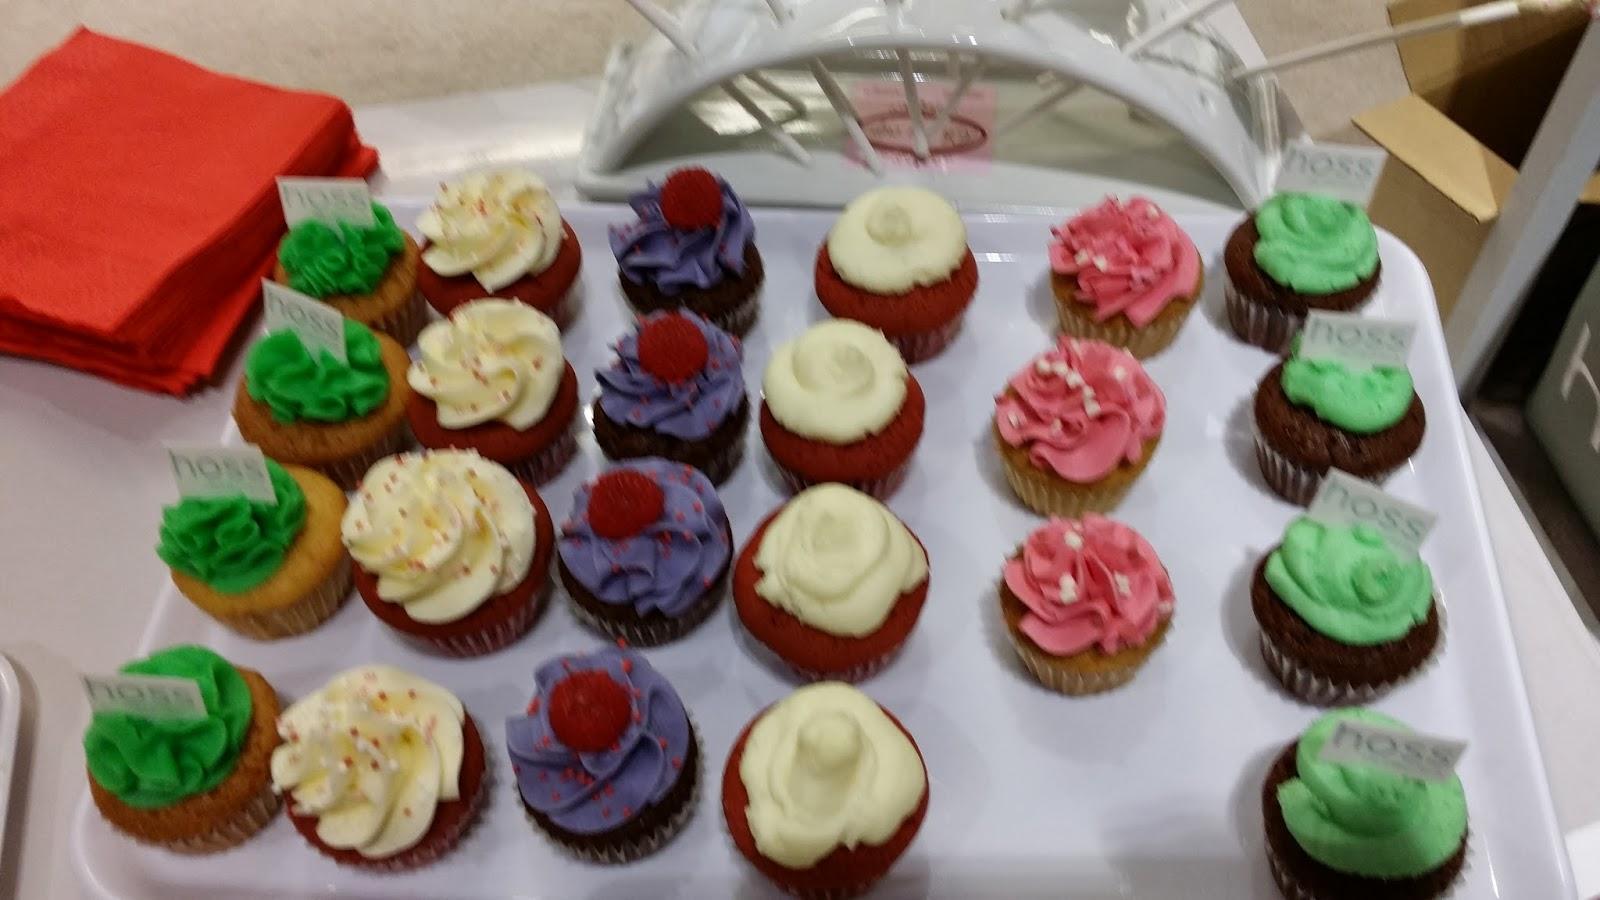 Las cup cakes de Oh my cup!